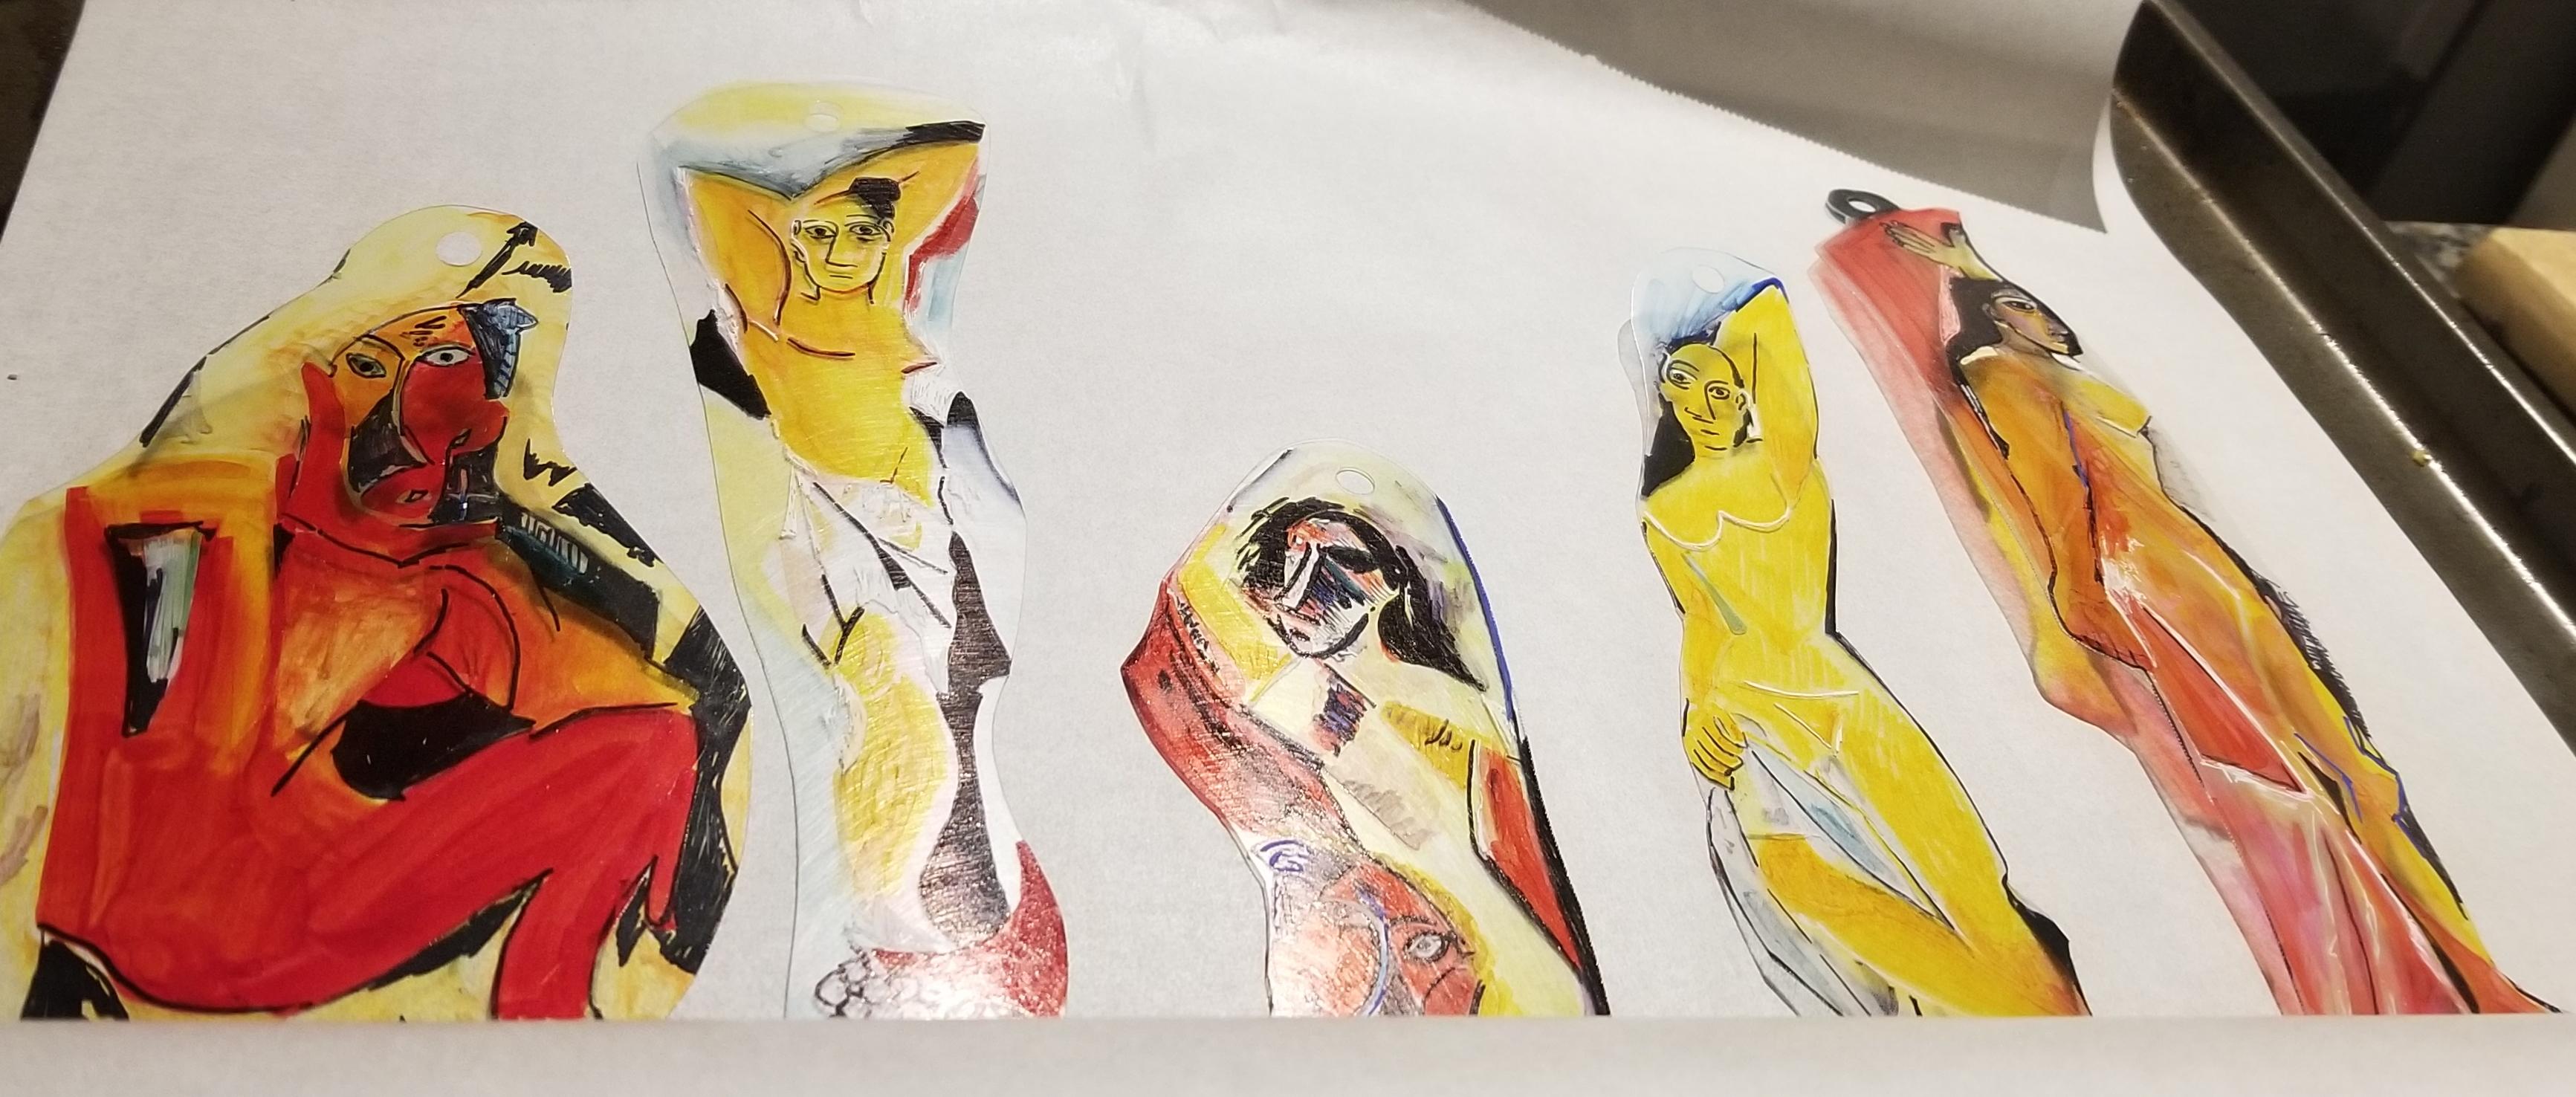 Pablo Picasso Les Demoiselles d'Avignon On the Tray 3